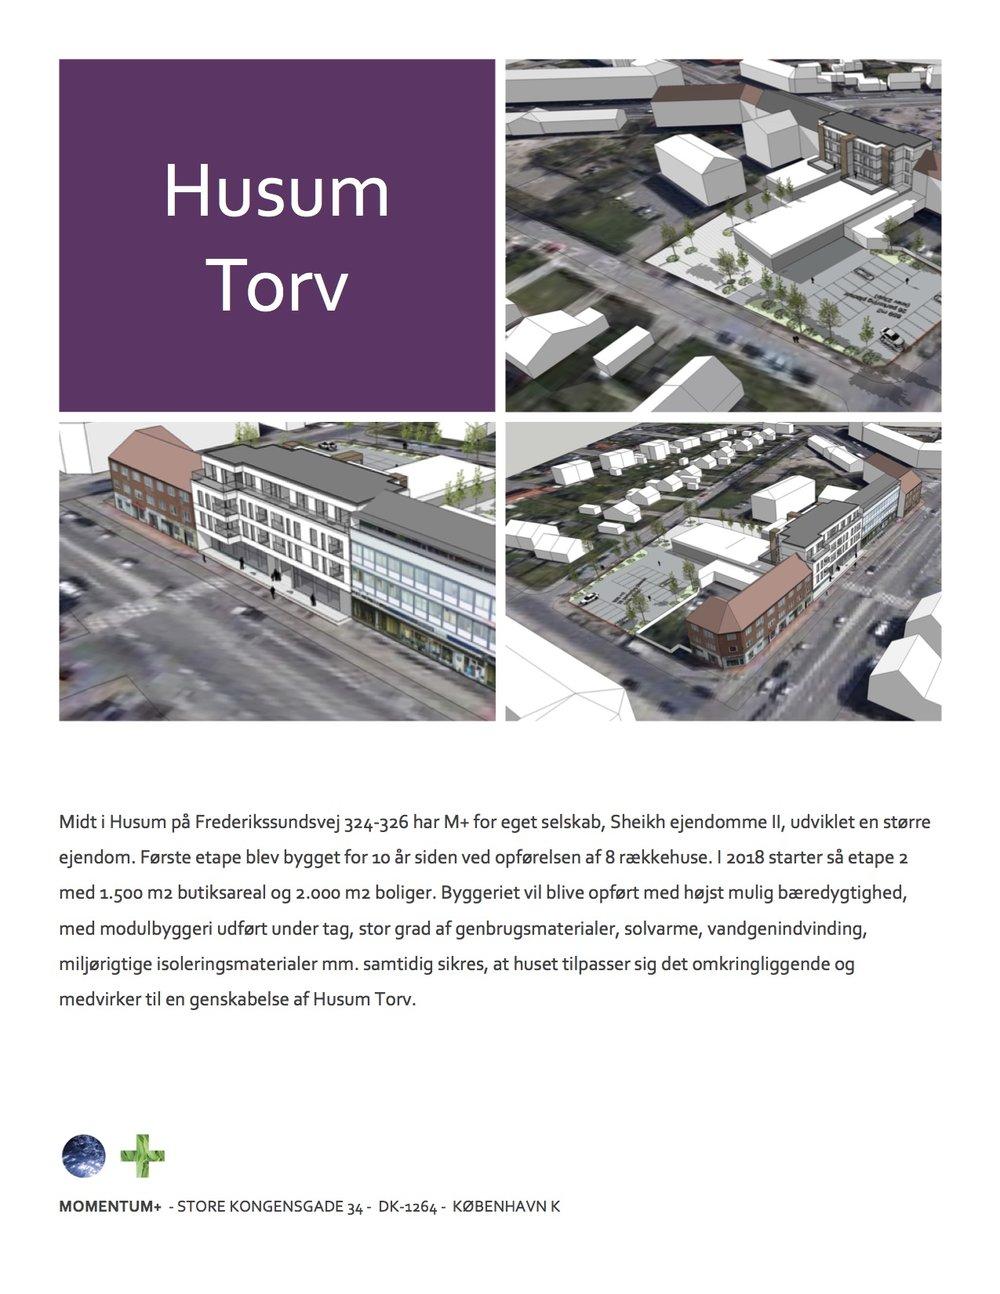 Husum Torv København - 5 ref. -1.jpg